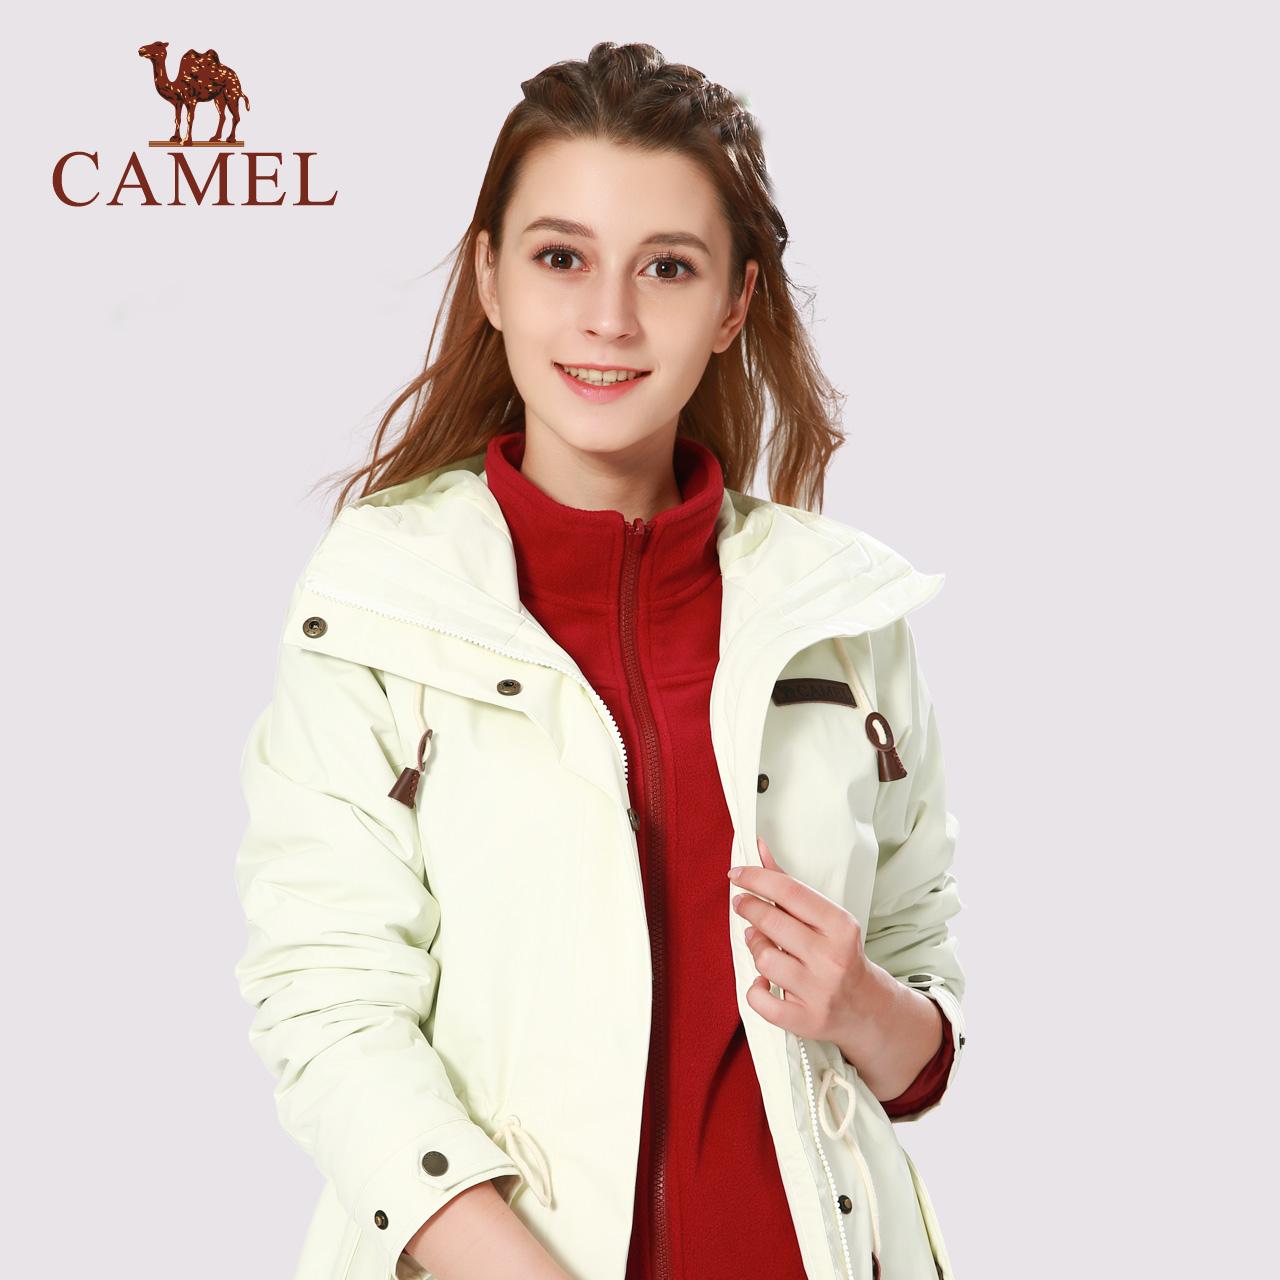 骆驼户外冲锋衣女潮牌三合一可拆卸中长款收腰工装服冬季防风外套